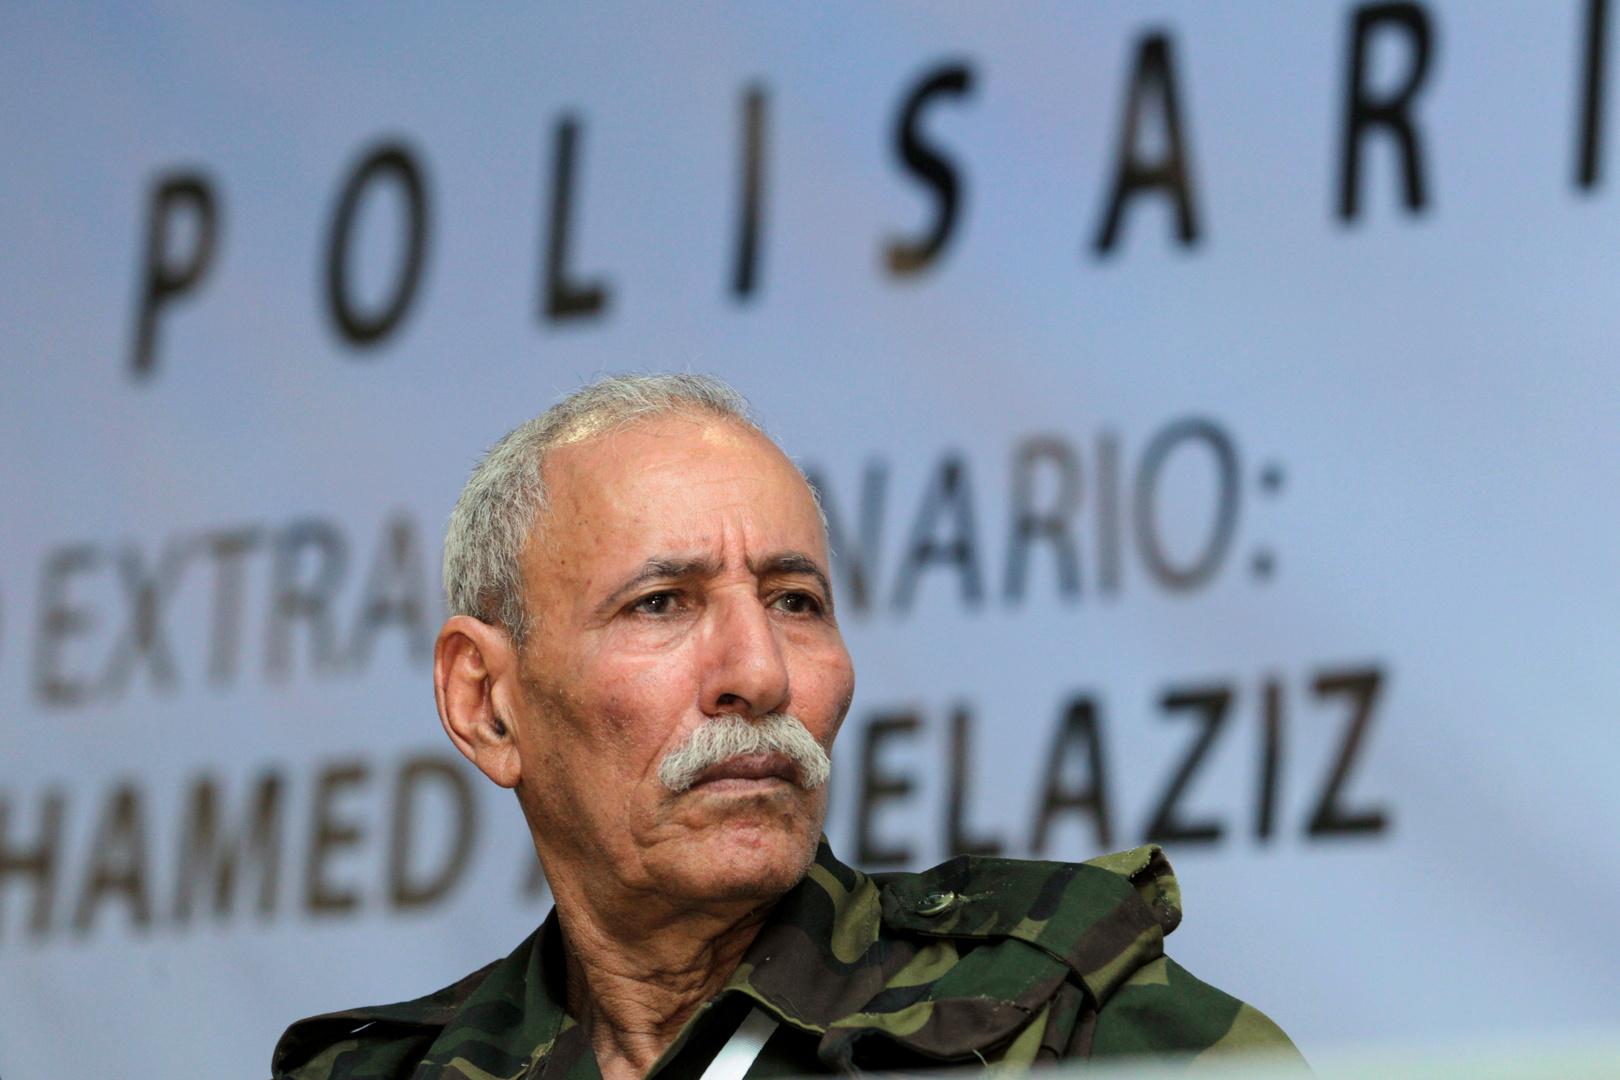 صحيفة إسبانية: لا وجود لأي ملف رسمي حول دخول زعيم